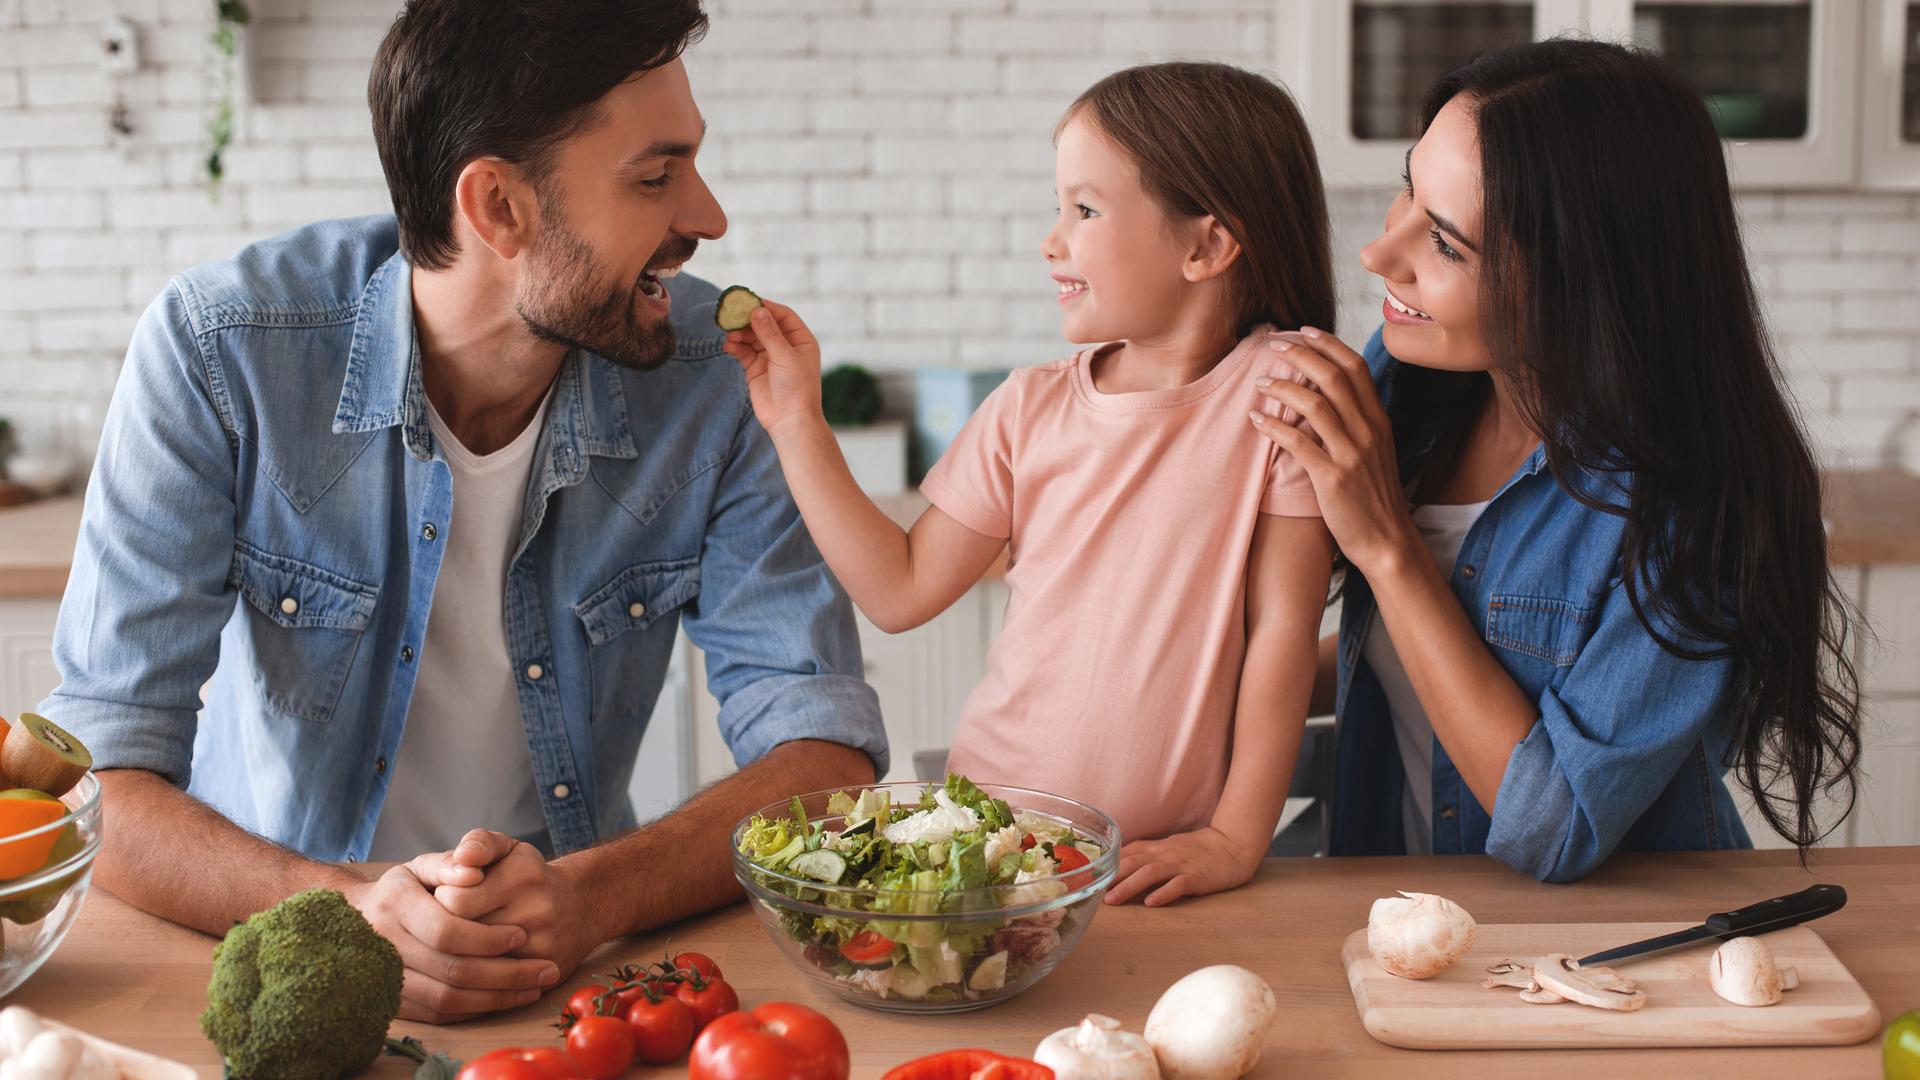 5 errores comunes al cocinar que dañan la salud